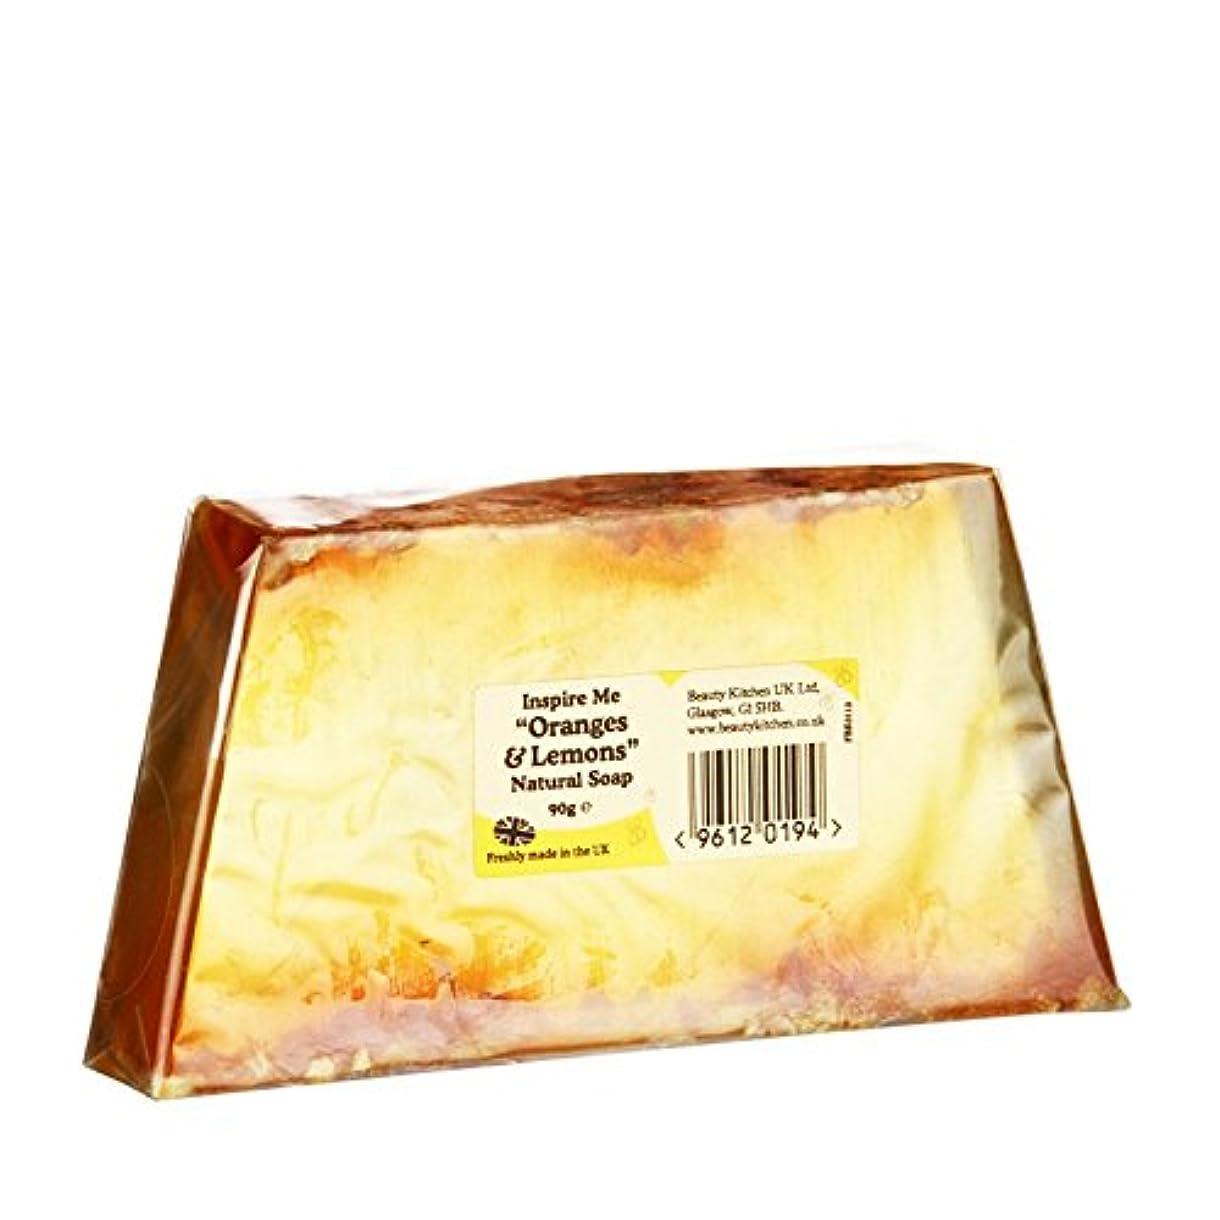 優勢フラップソケット美しさのキッチンは私がオレンジ&レモンの天然石鹸90グラム鼓舞します - Beauty Kitchen Inspire Me Orange & Lemon Natural Soap 90g (Beauty Kitchen...